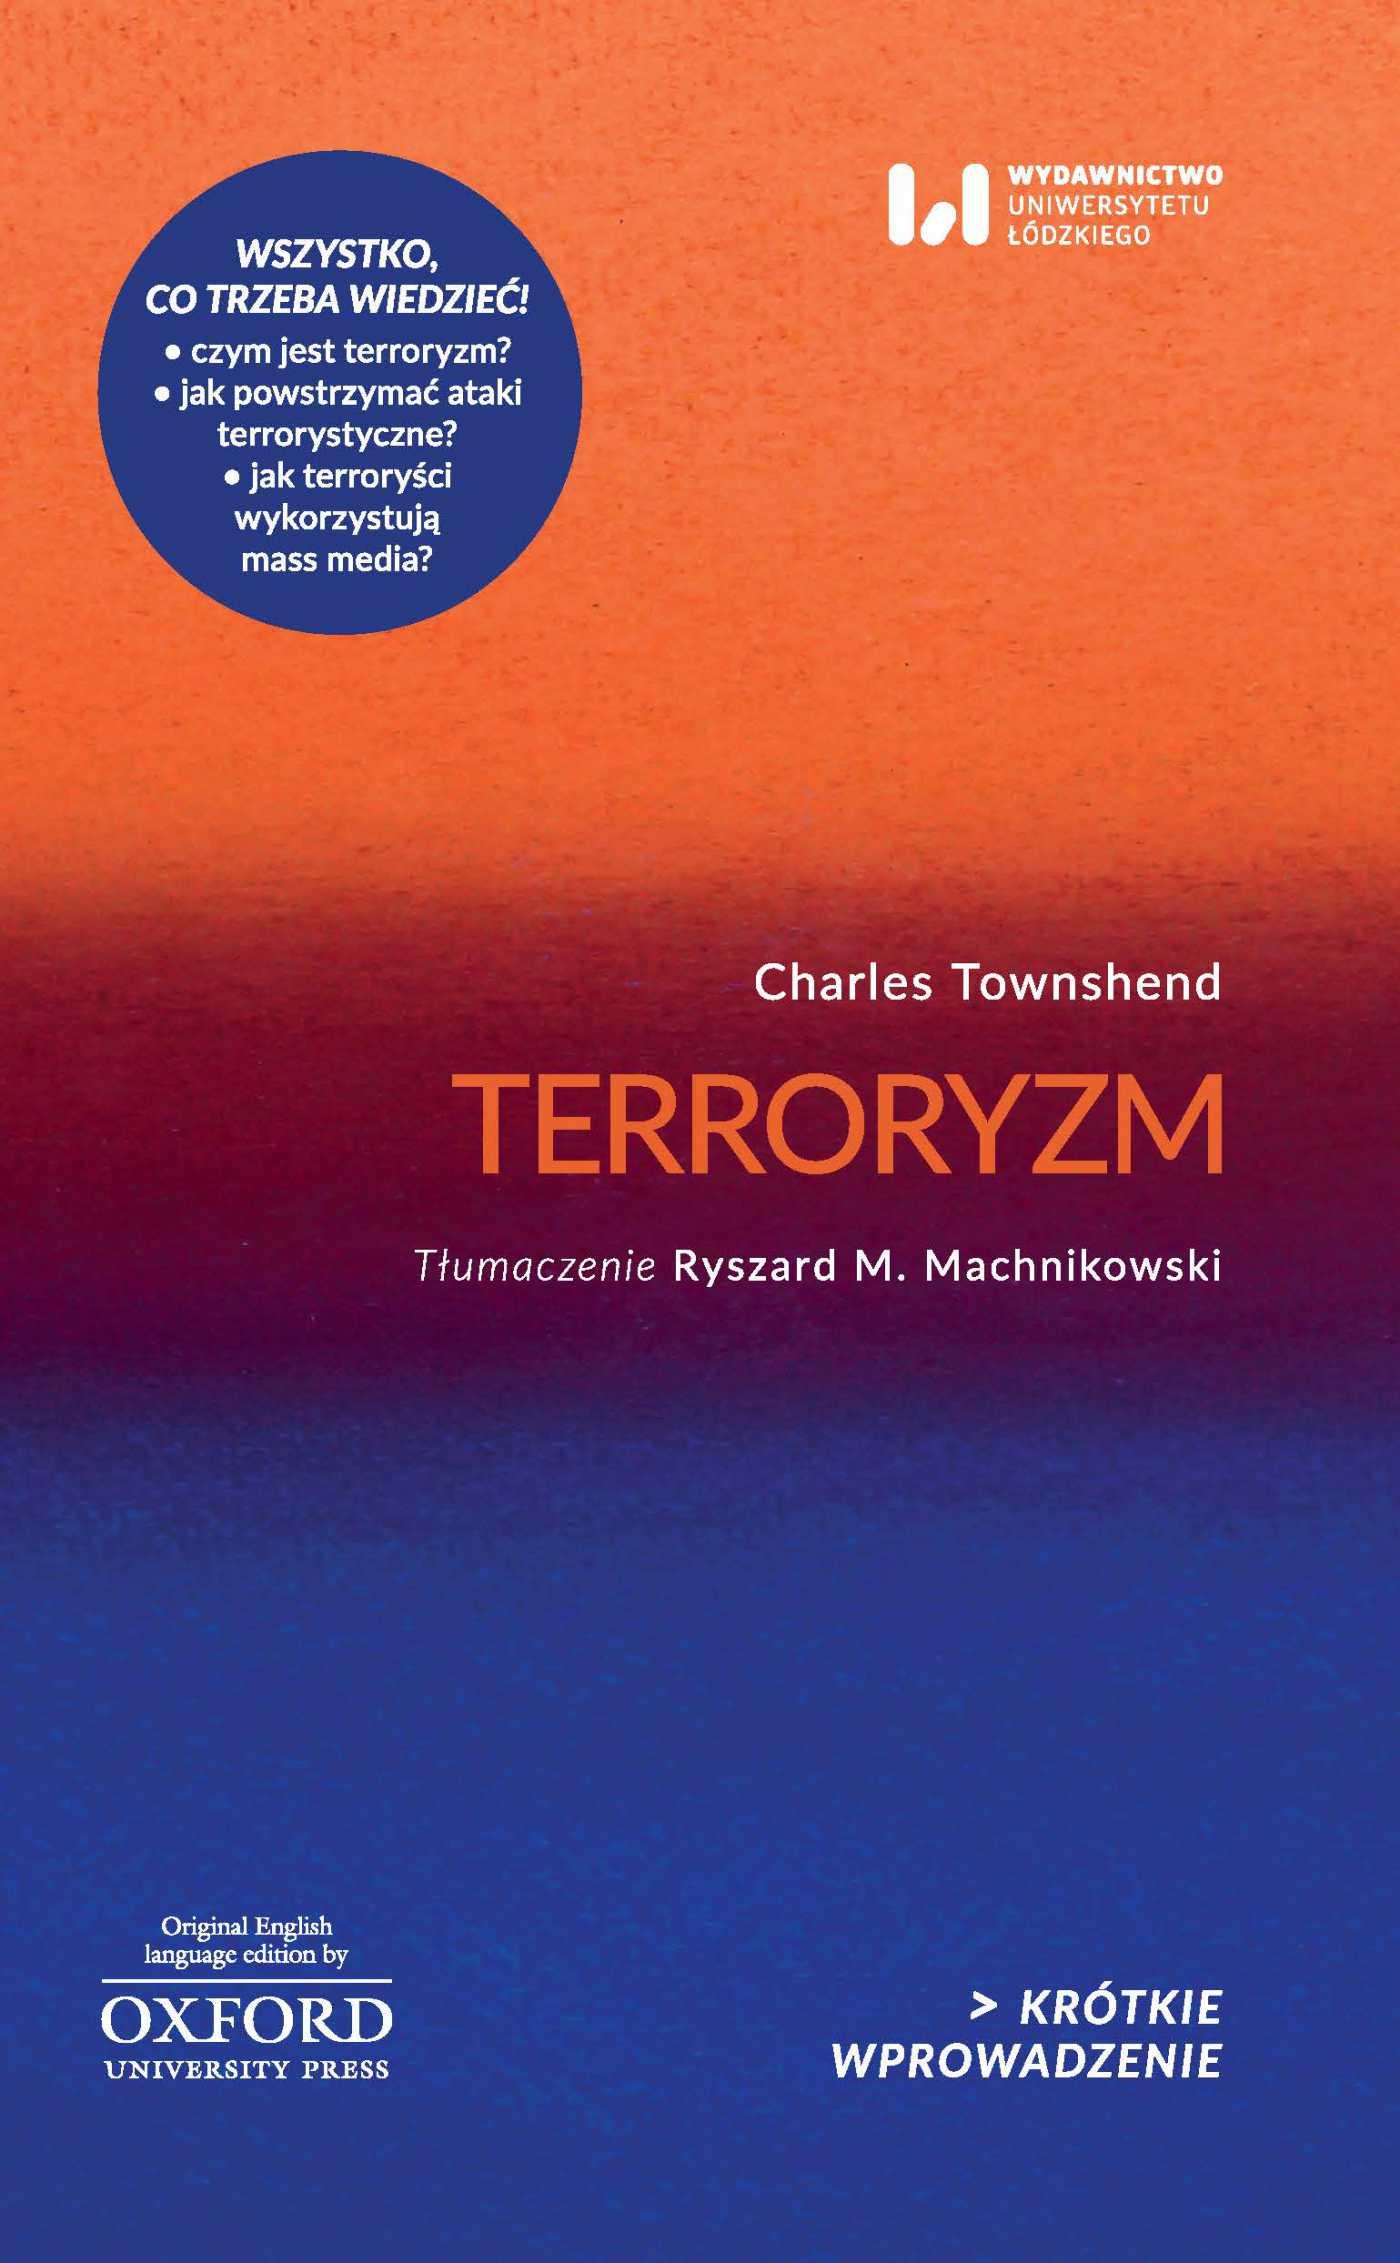 Terroryzm. Krótkie Wprowadzenie 5 - Ebook (Książka PDF) do pobrania w formacie PDF